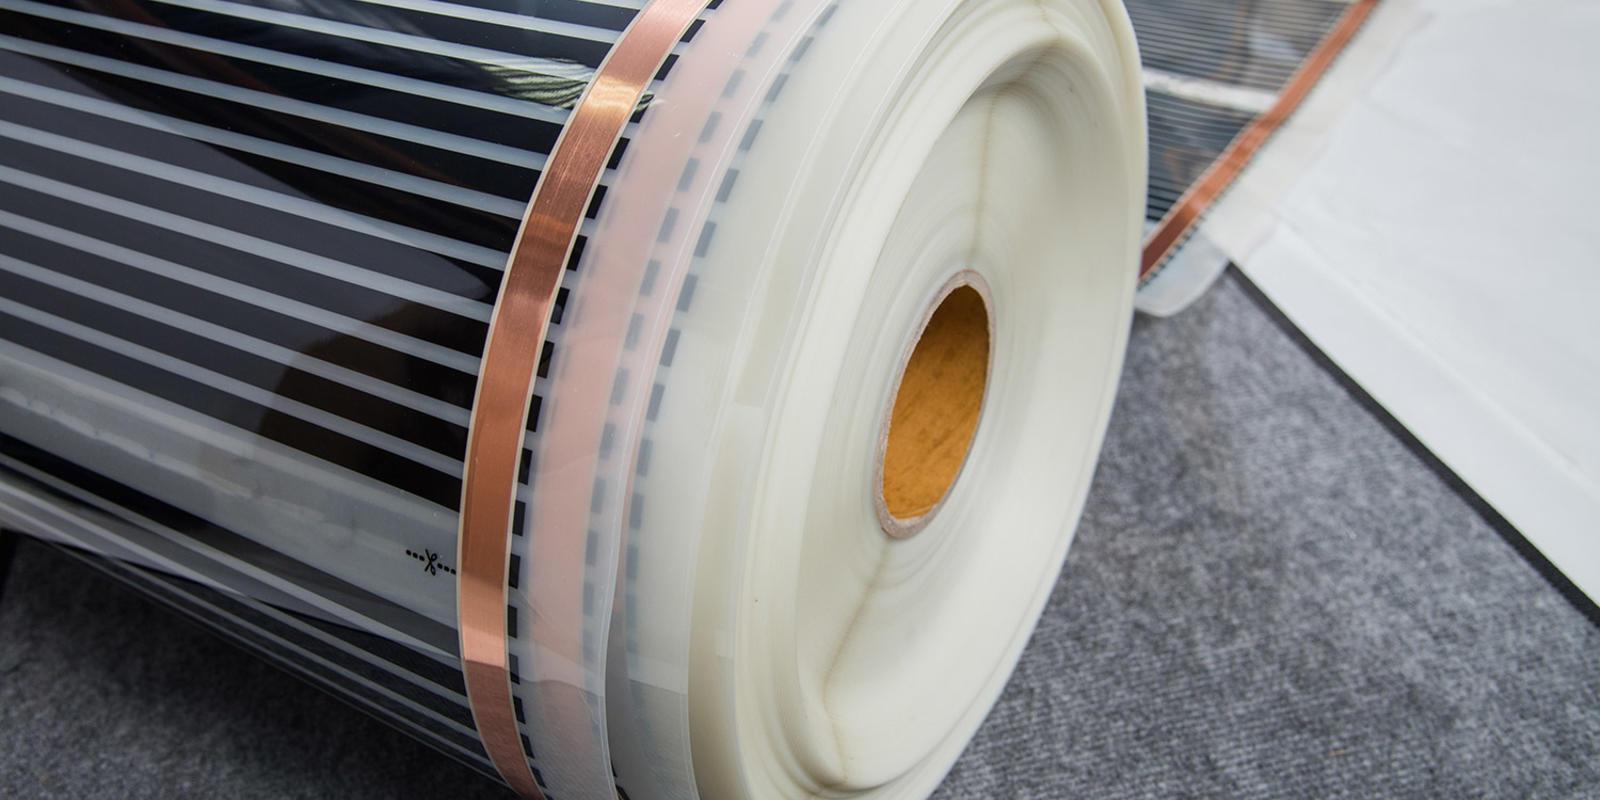 infrarood vloerverwarming verbruik